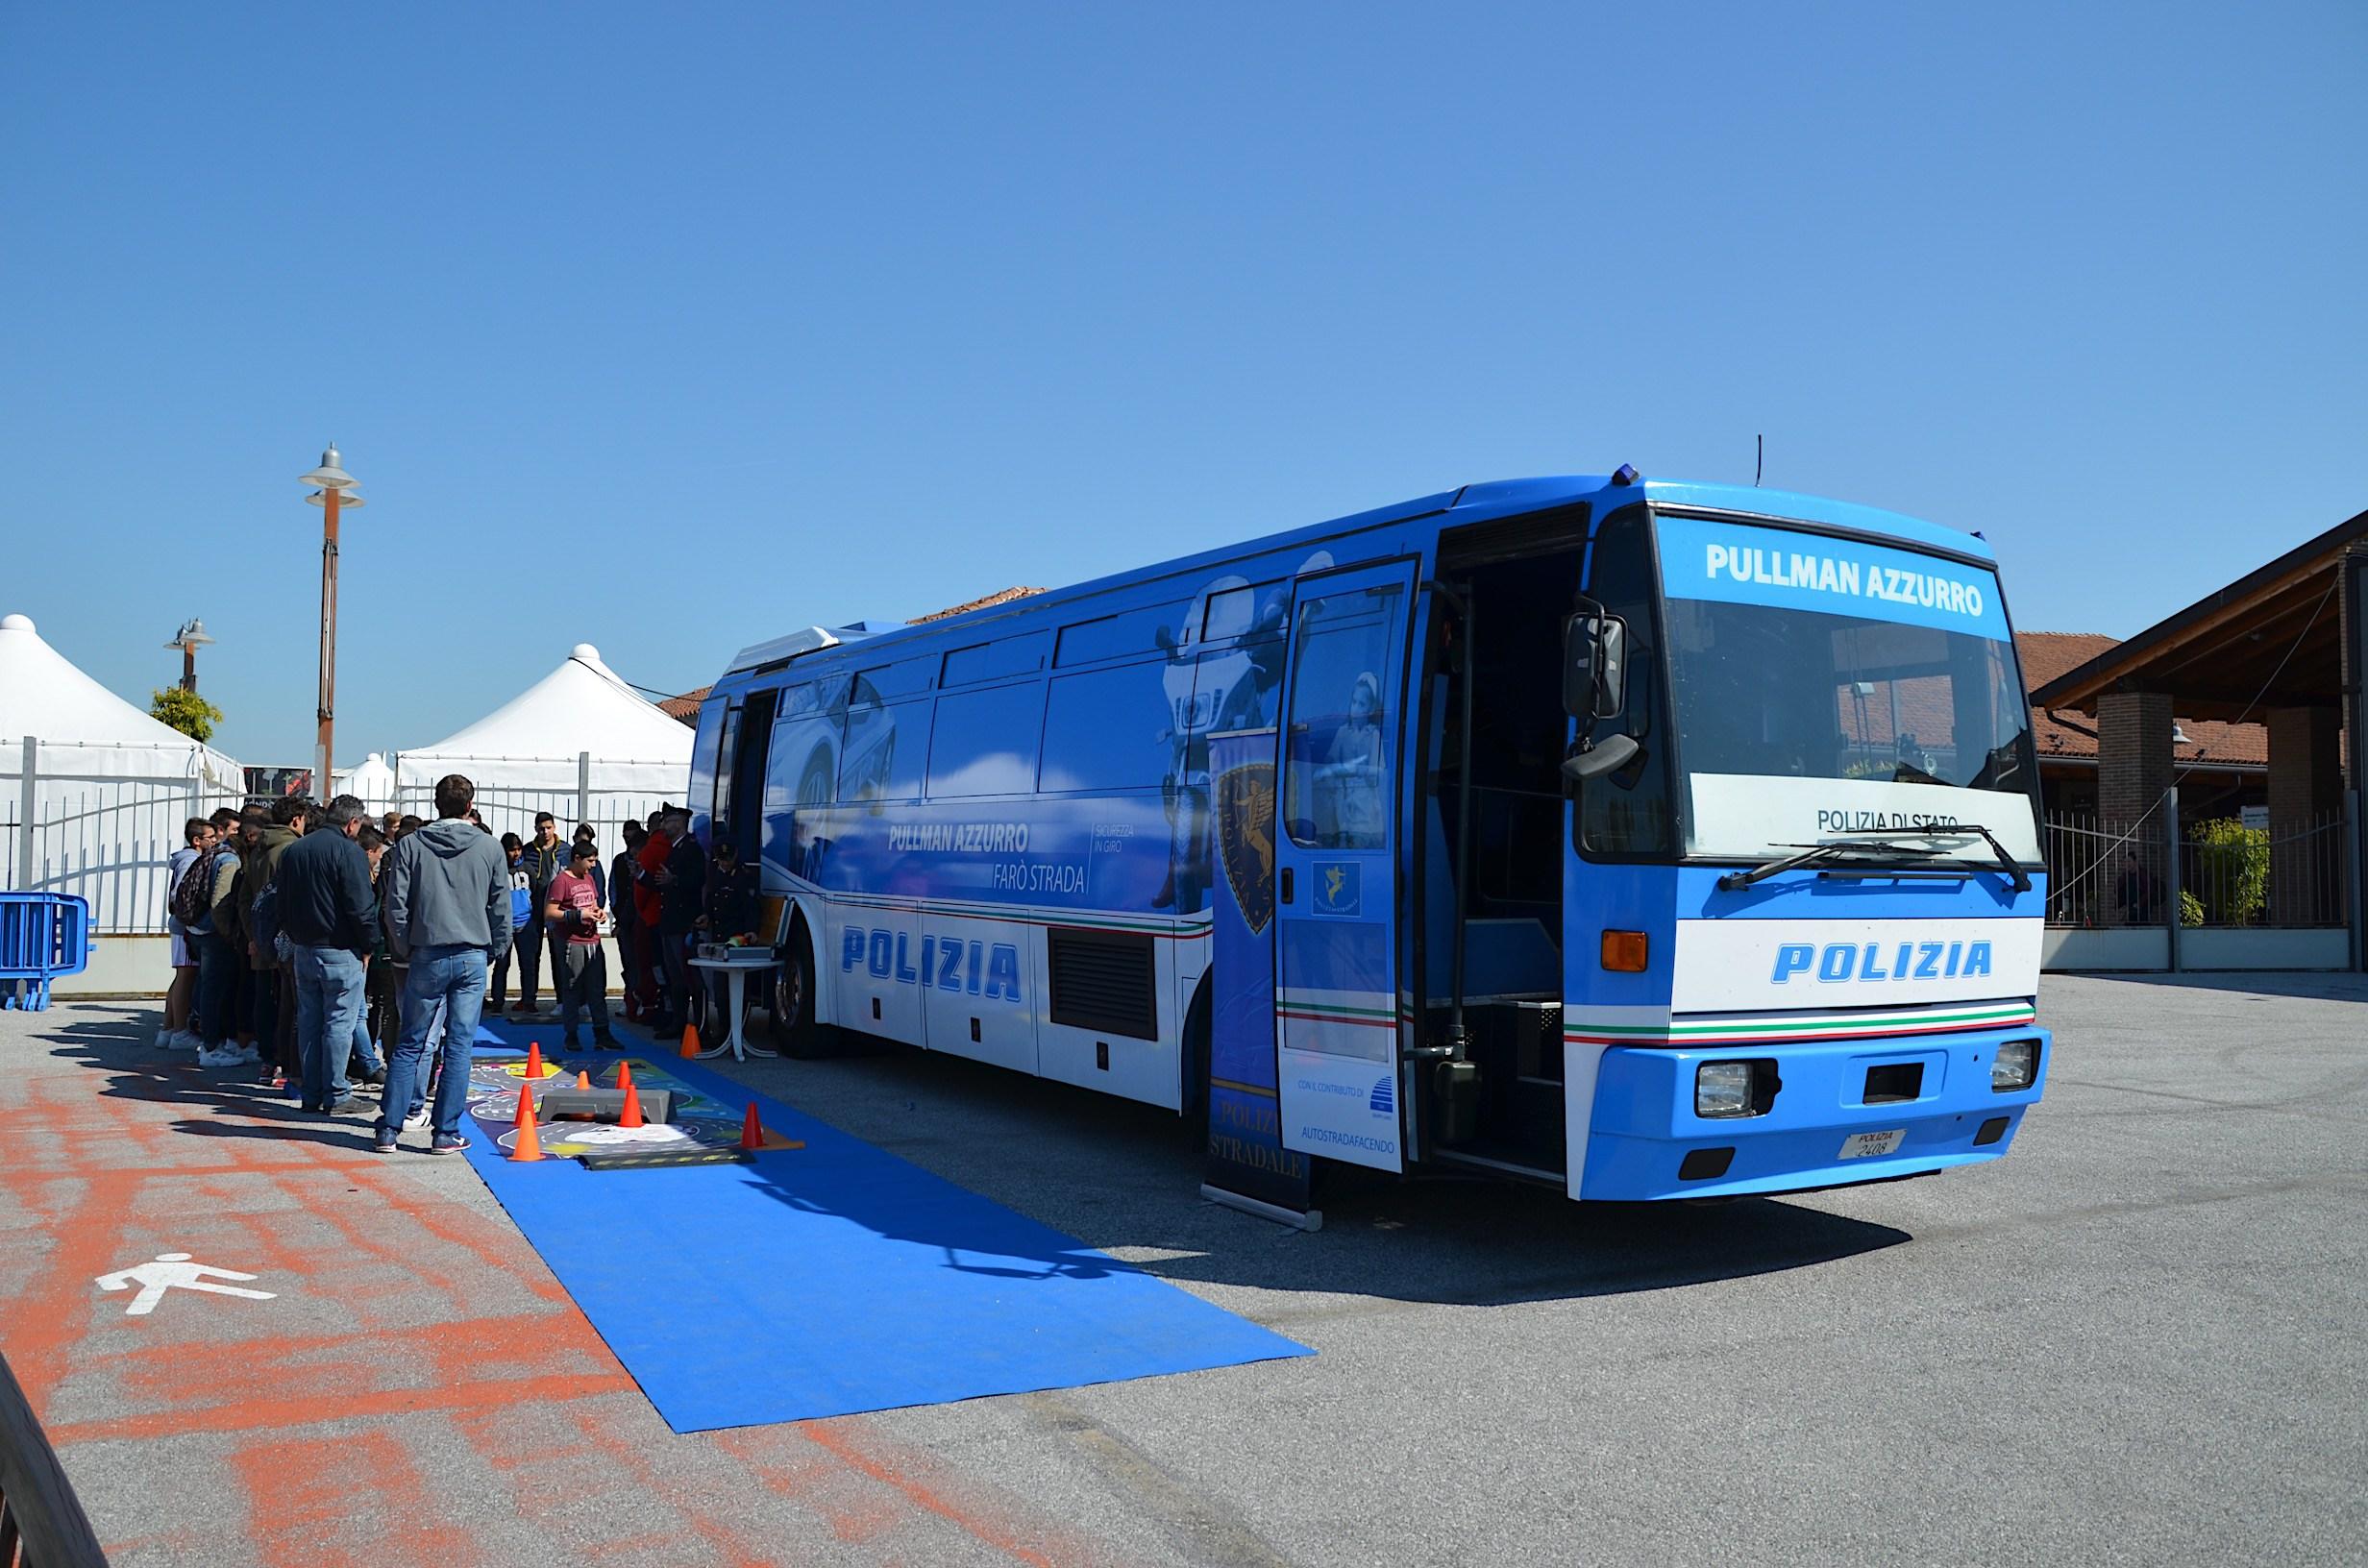 Il pullman azzurro della Polizia Stradale a Porto Sant'Elpidio per il Meeting Nazionale dei Giovanissimi FCI